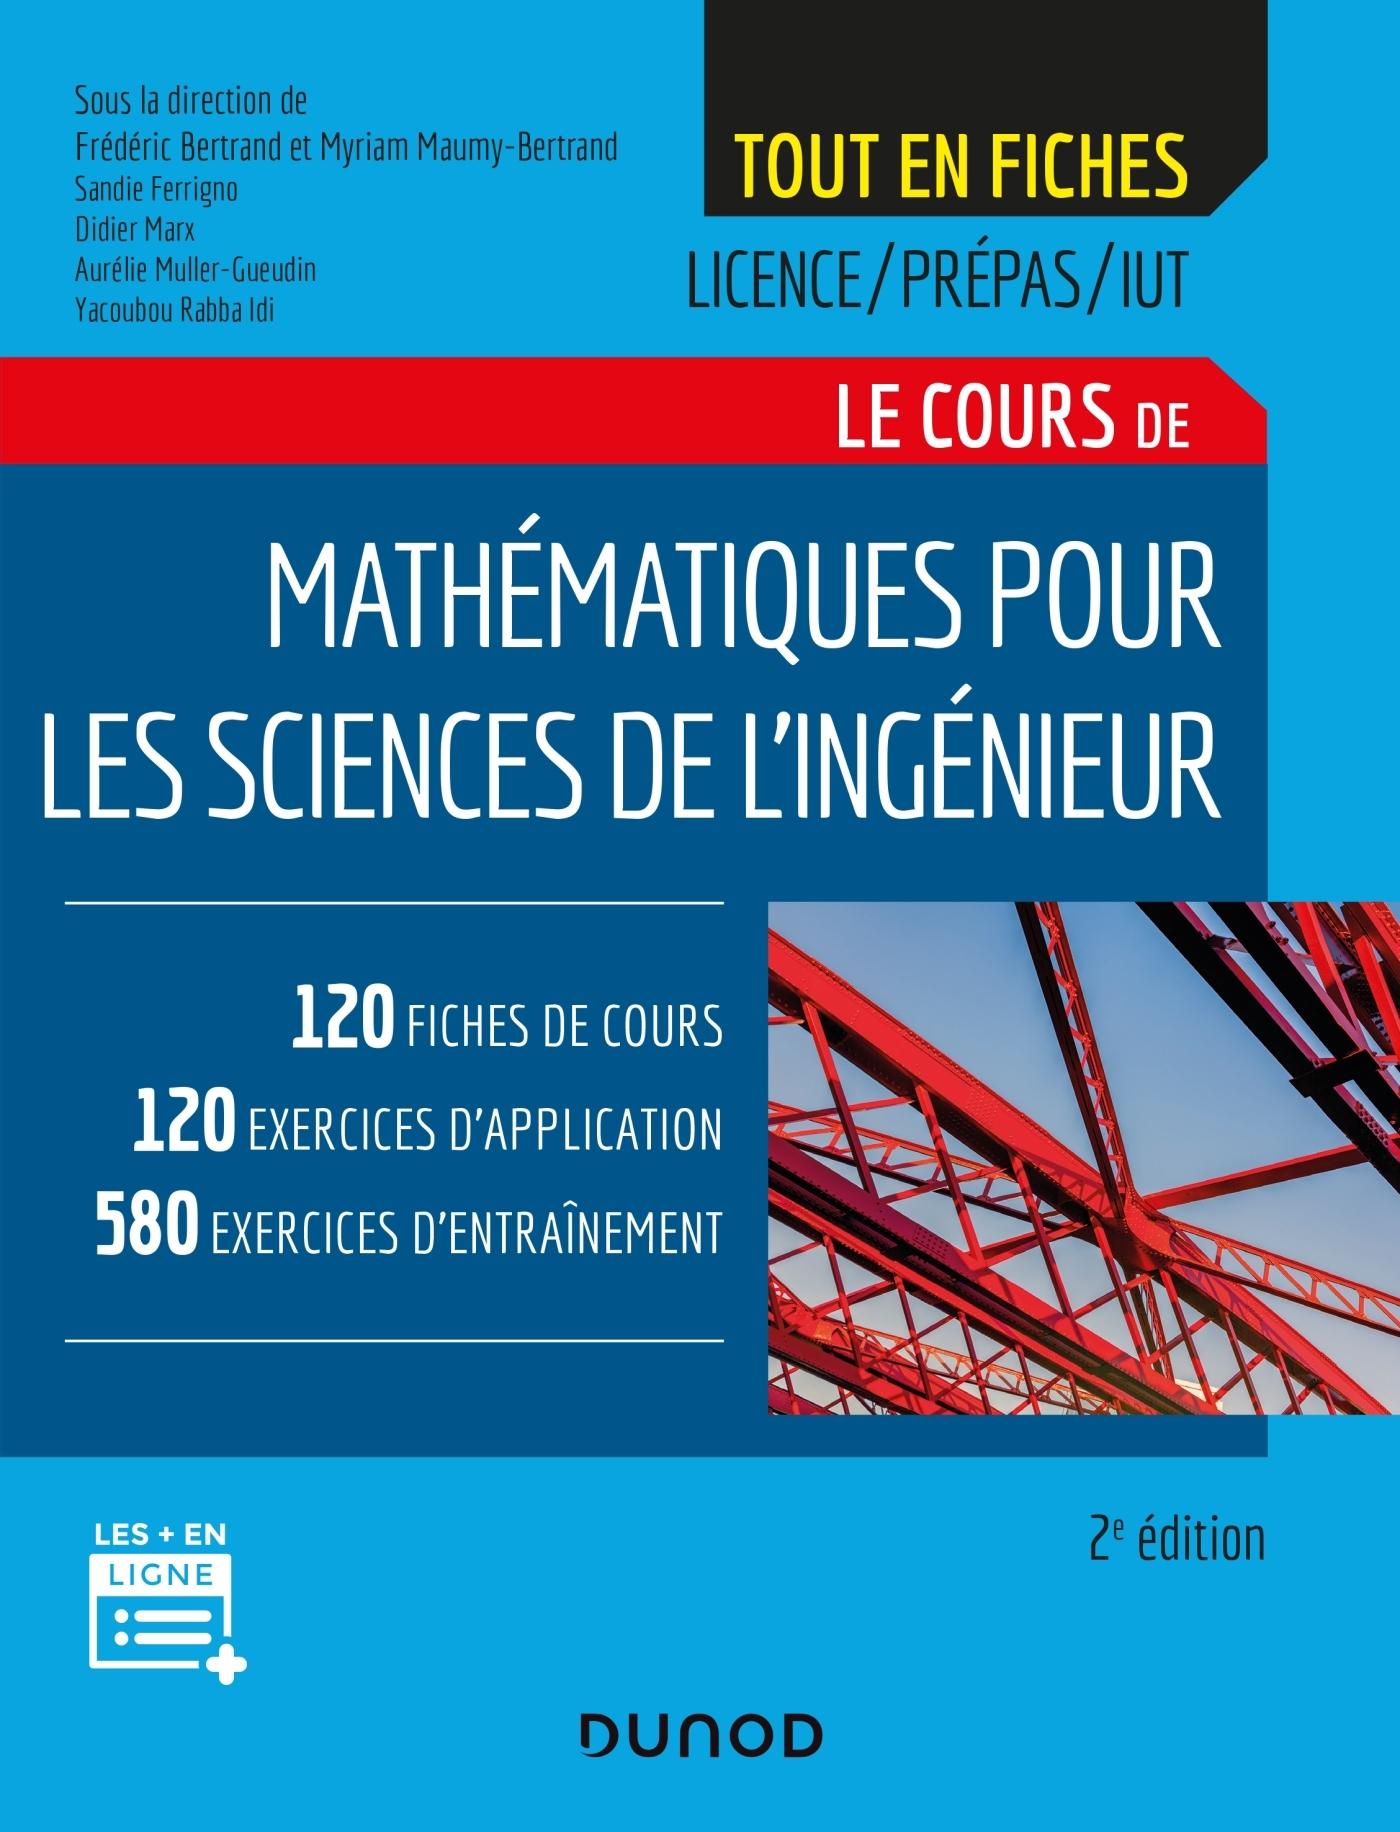 MATHEMATIQUES POUR LES SCIENCES DE L'INGENIEUR - 2E ED. - LICENCE/PREPAS/IUT